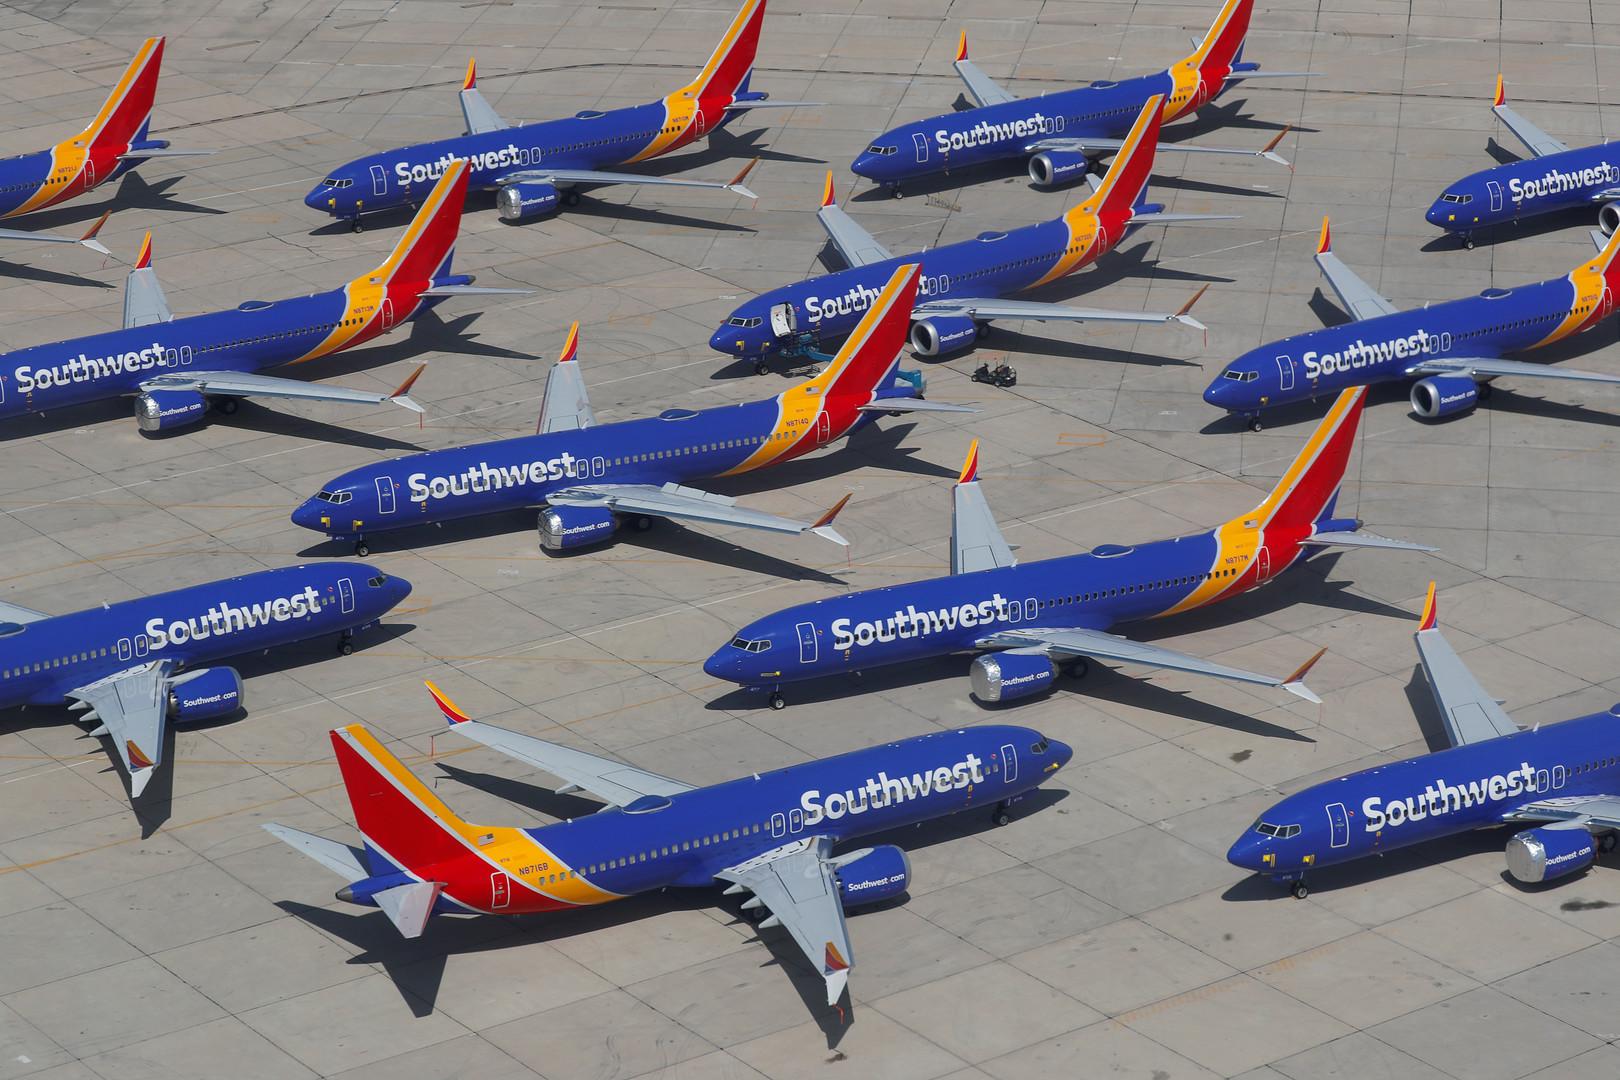 صحيفة: استخدام طائرات